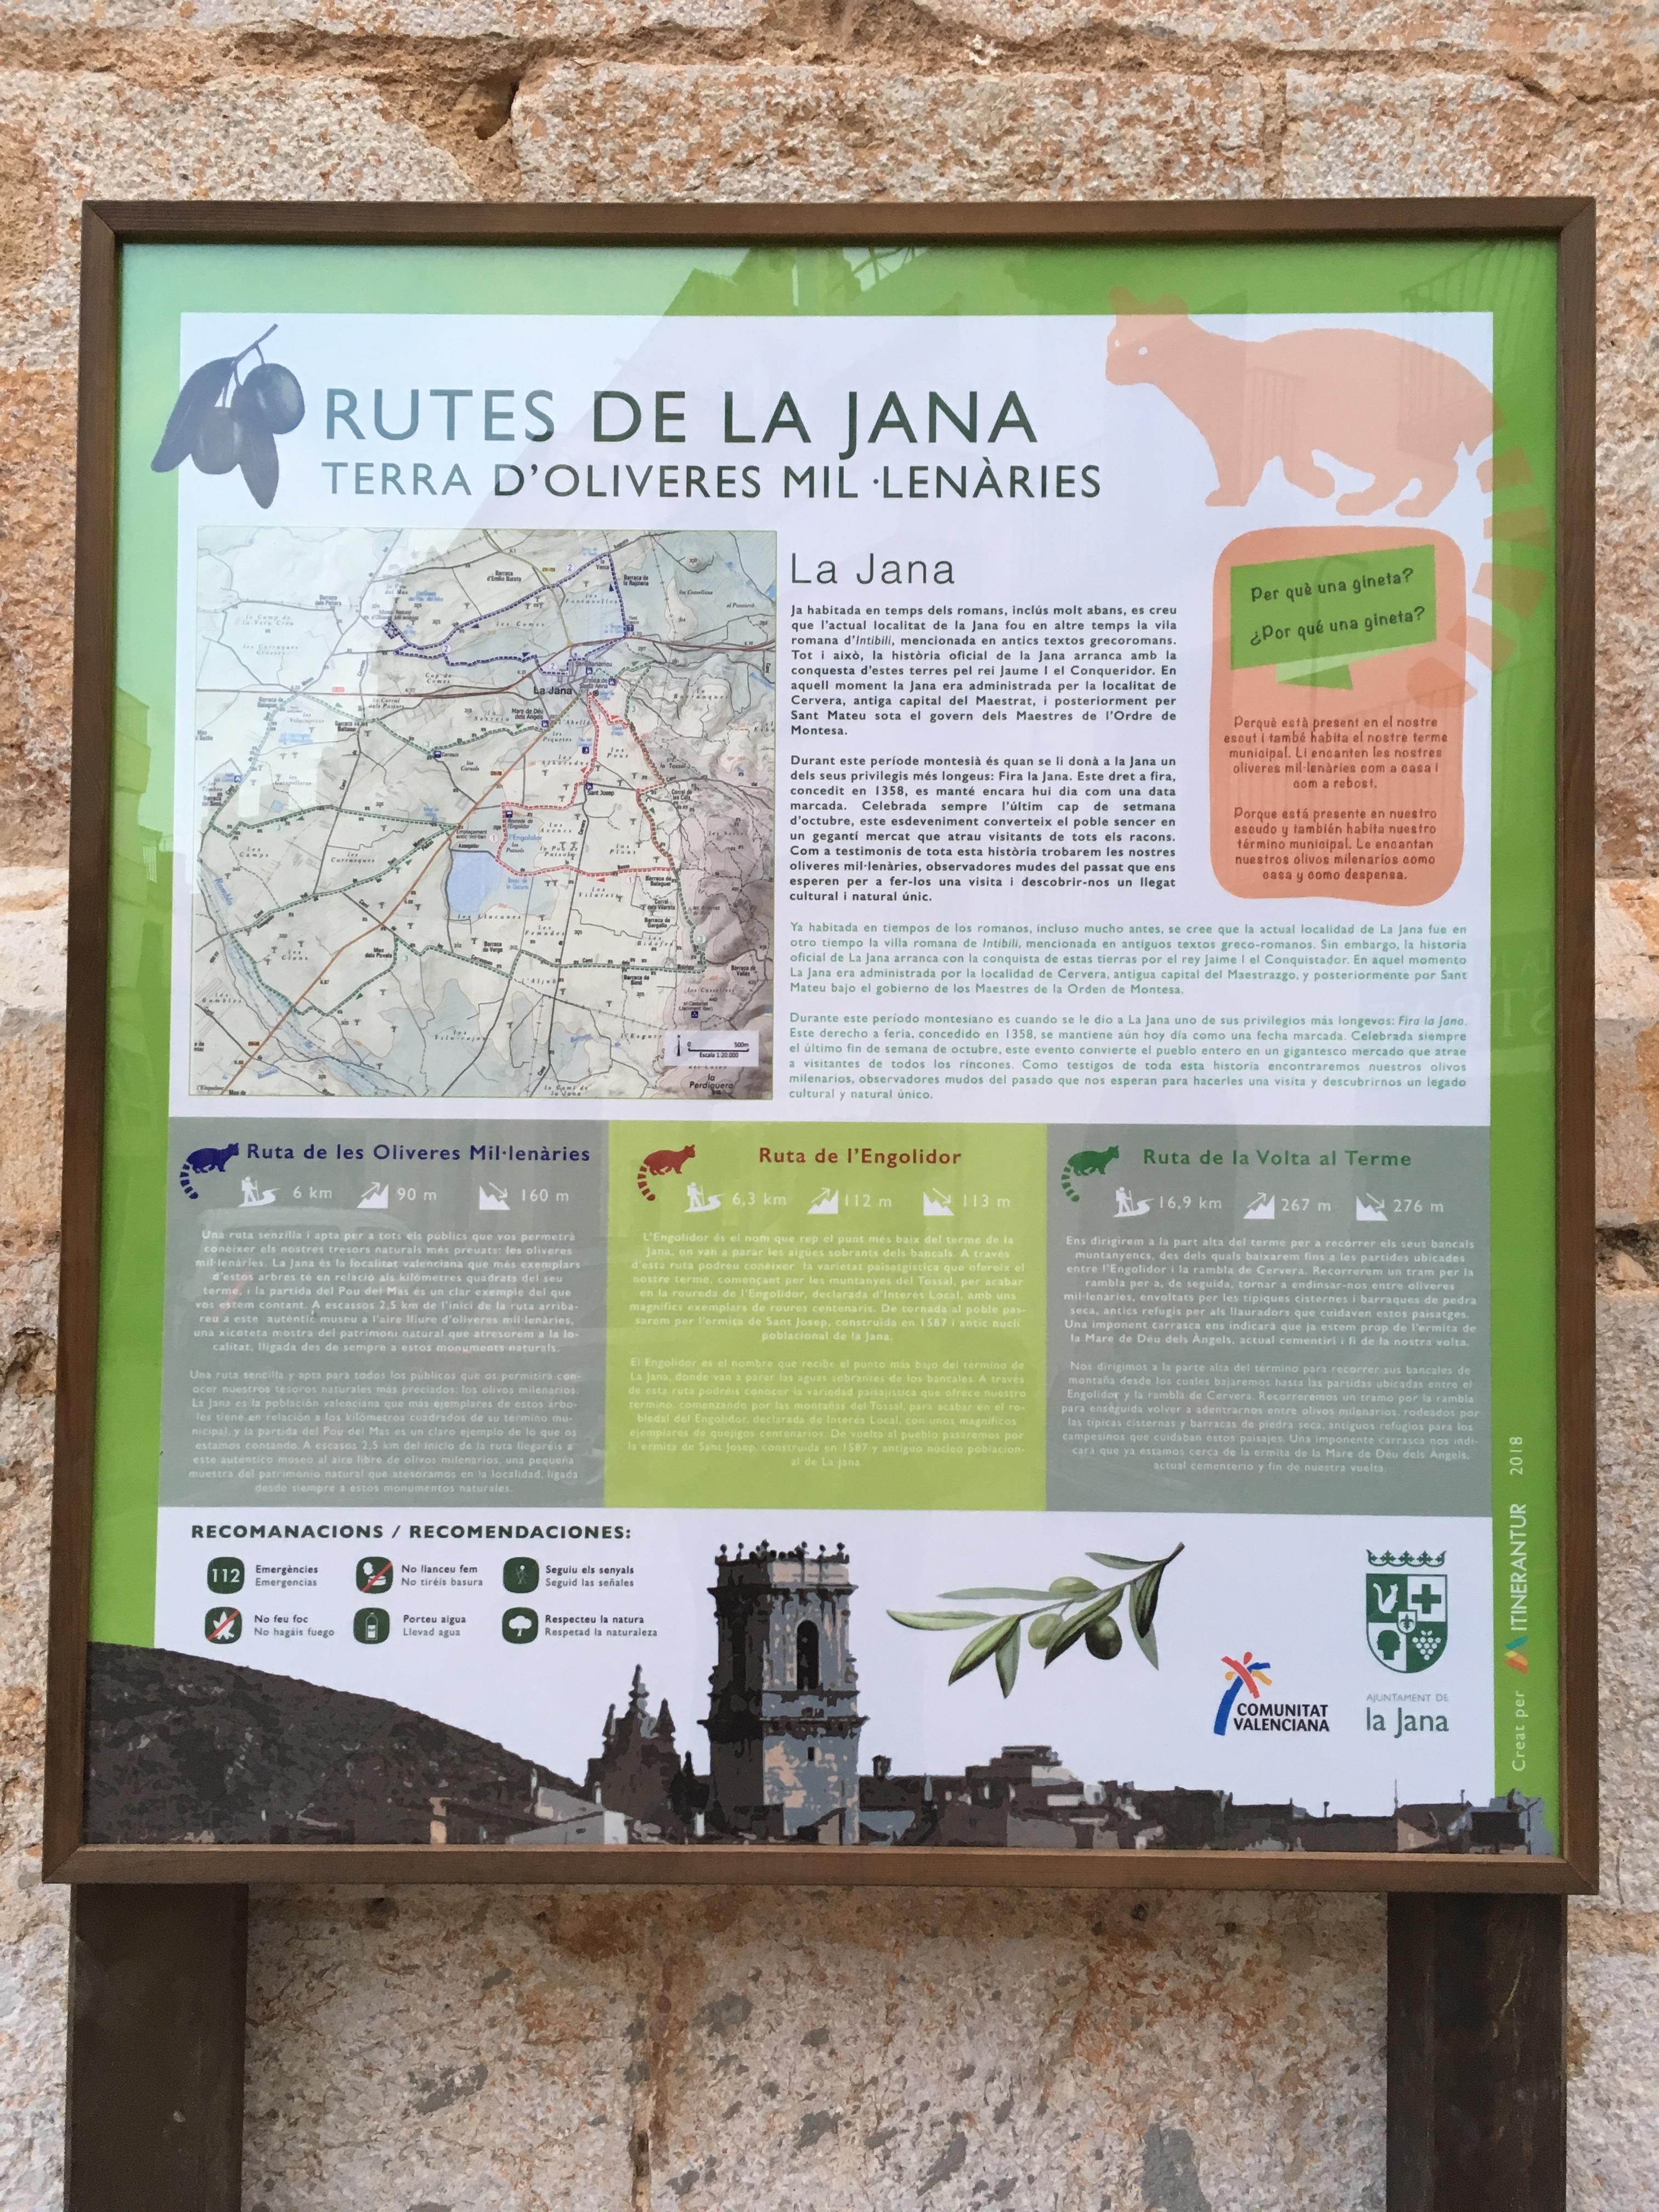 La Jana senyalitza tres rutes turístiques a les oliveres mil·lenàries, la roureda de l'Engolidor i la Volta al Terme